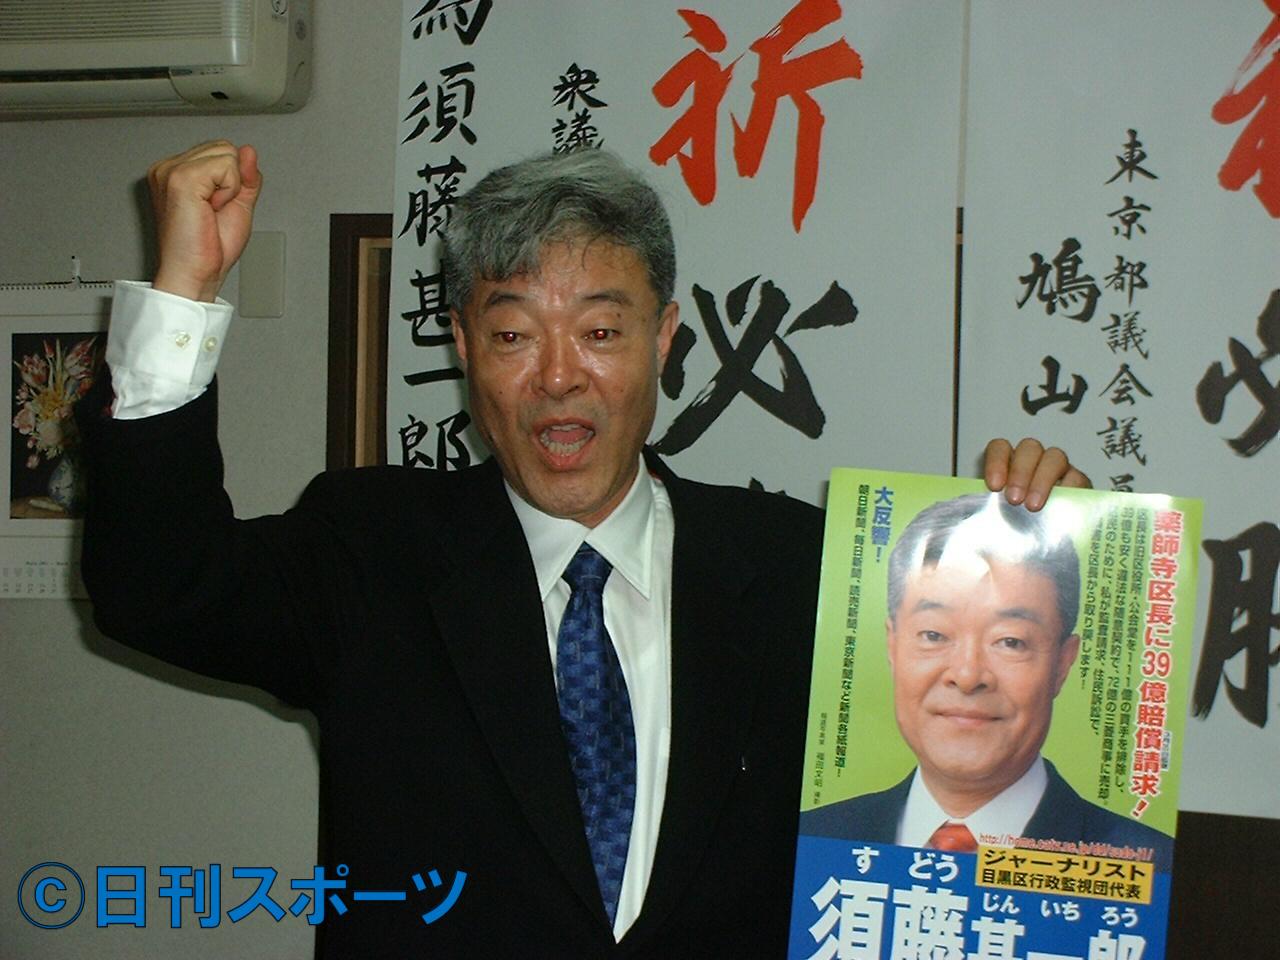 2003統一地方選挙目黒区議選でトップ当選を果たした須藤甚一郎さん